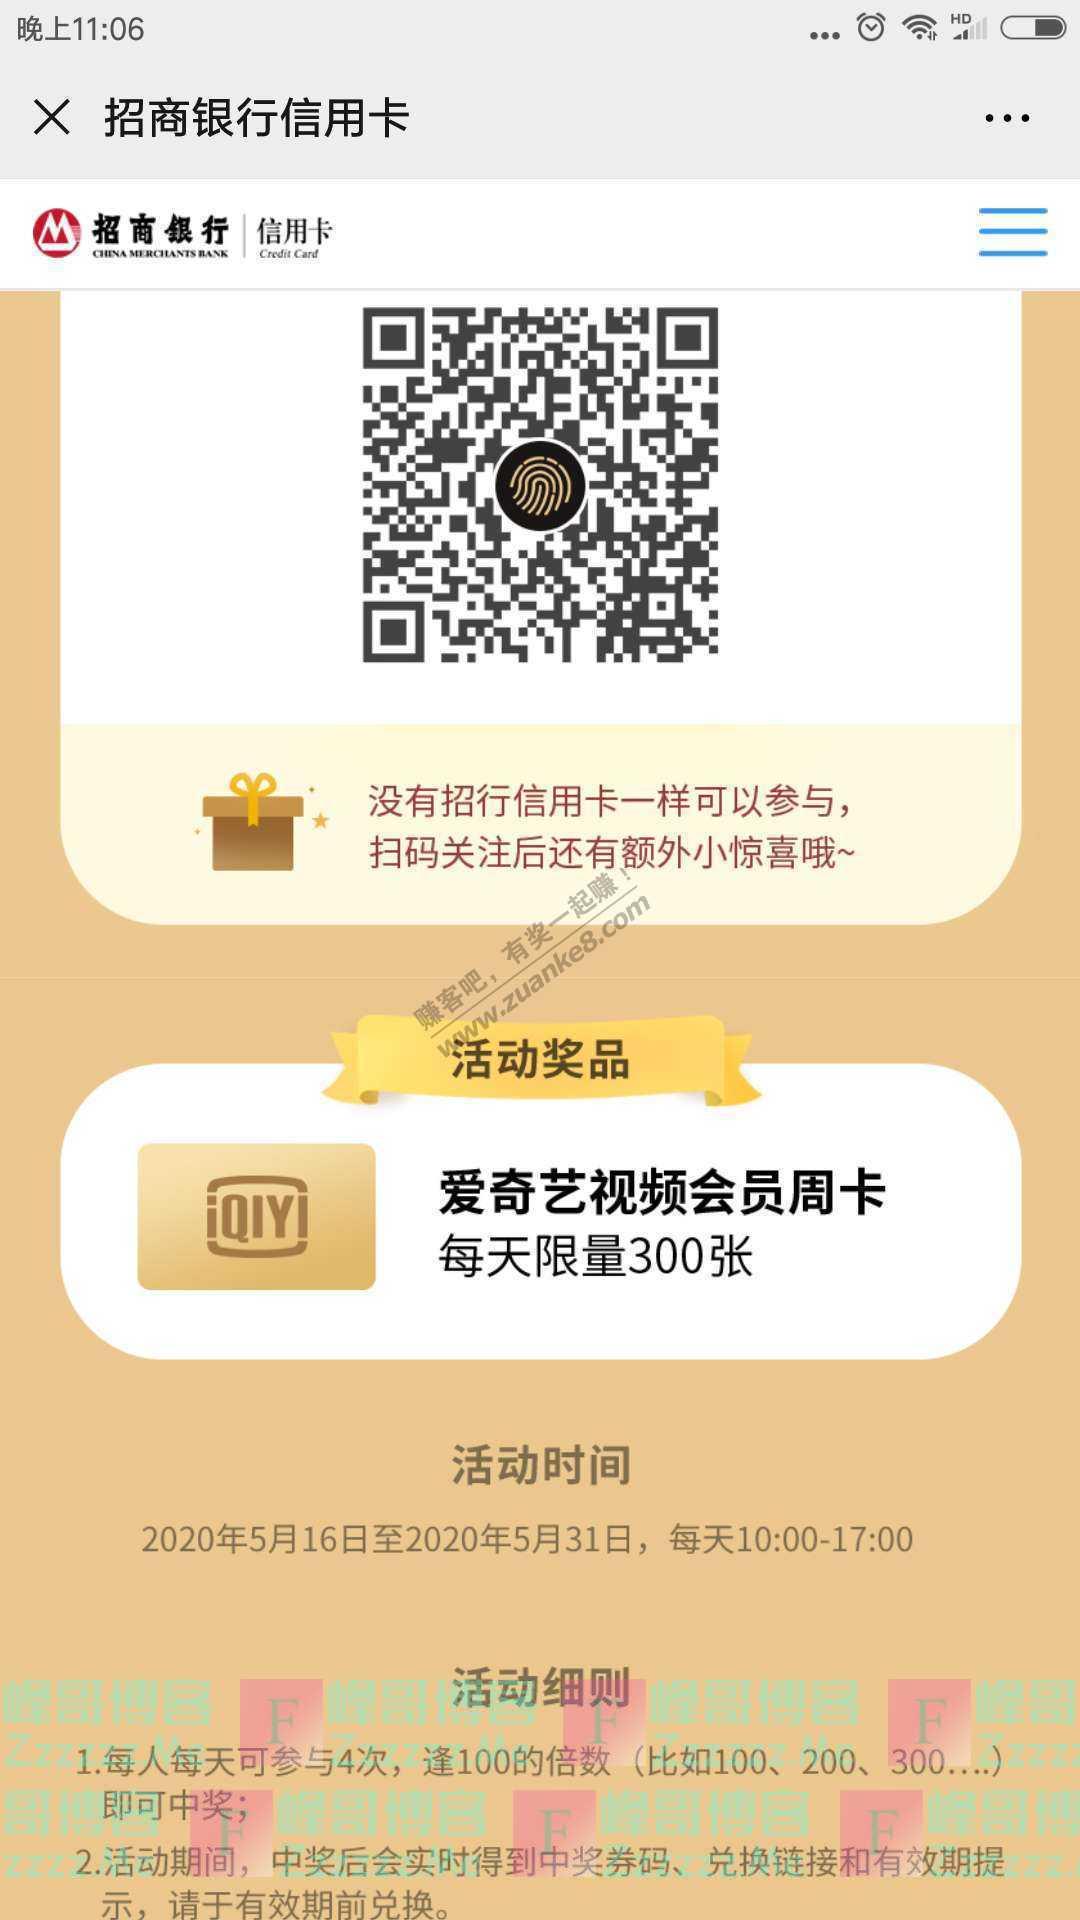 招行xing/用卡抢爱奇艺视频会员周卡(截止5月31日)